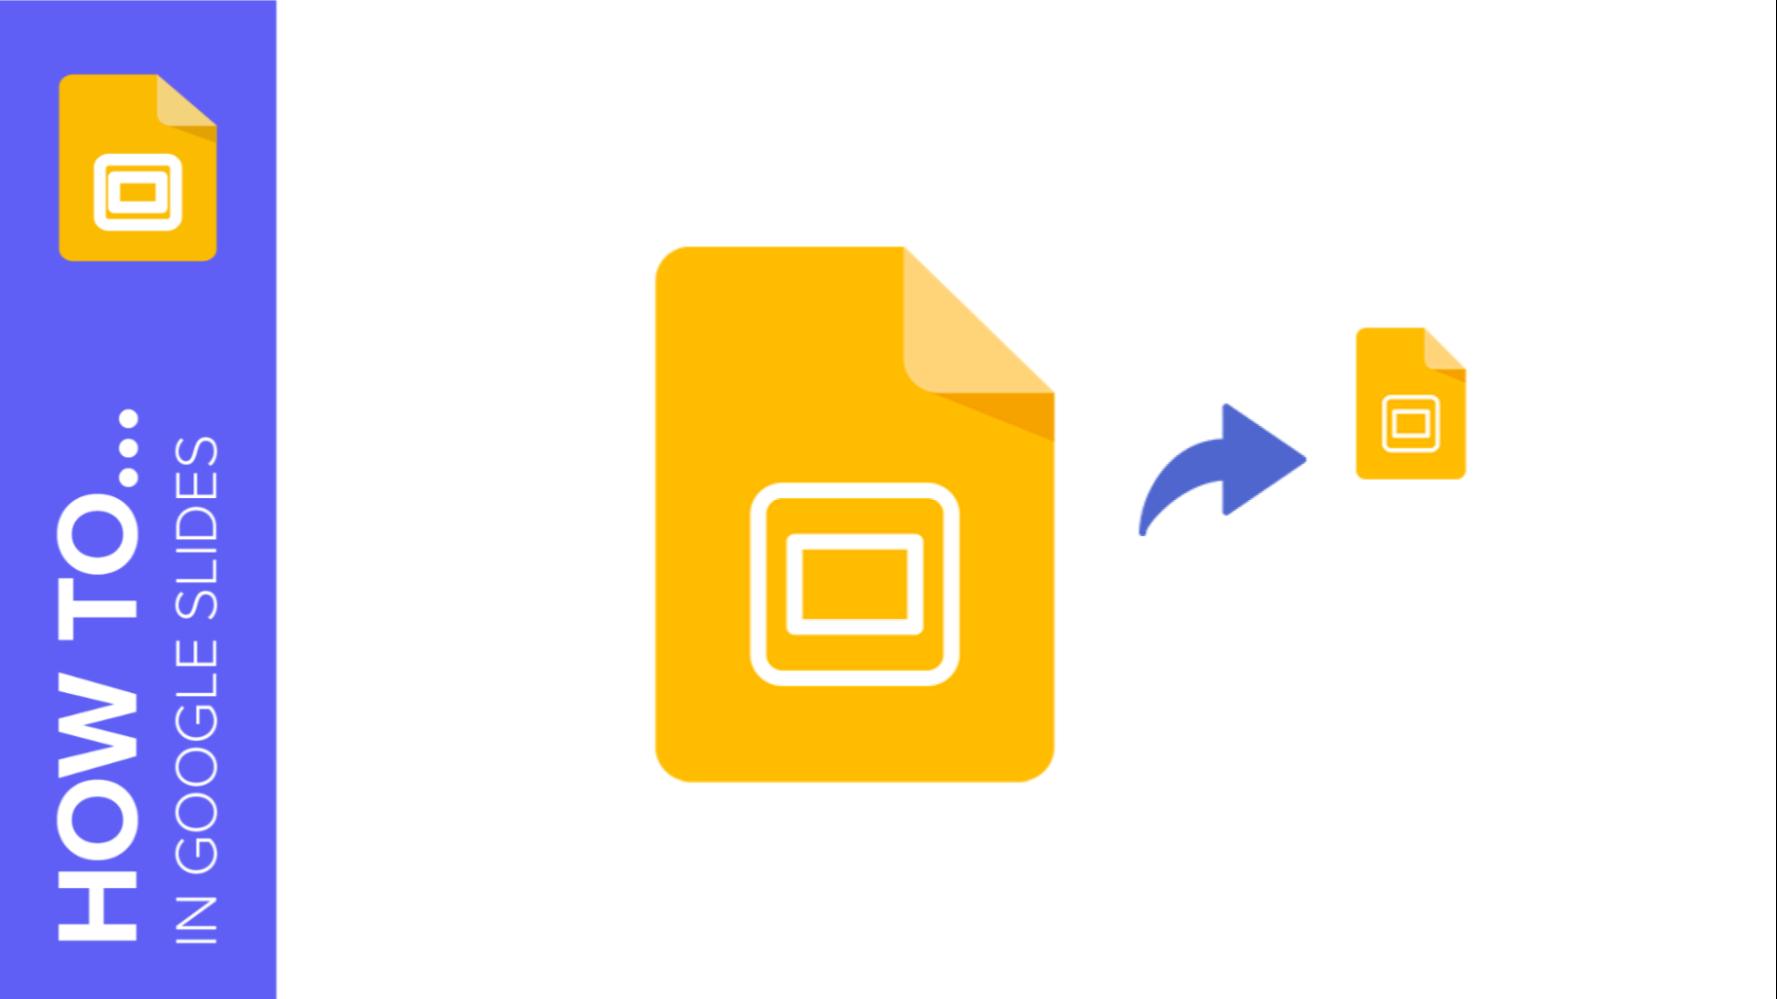 How to Lower the Size of a Google Slides Presentation | Schnelle Tipps & Tutorials für deine Präsentationen